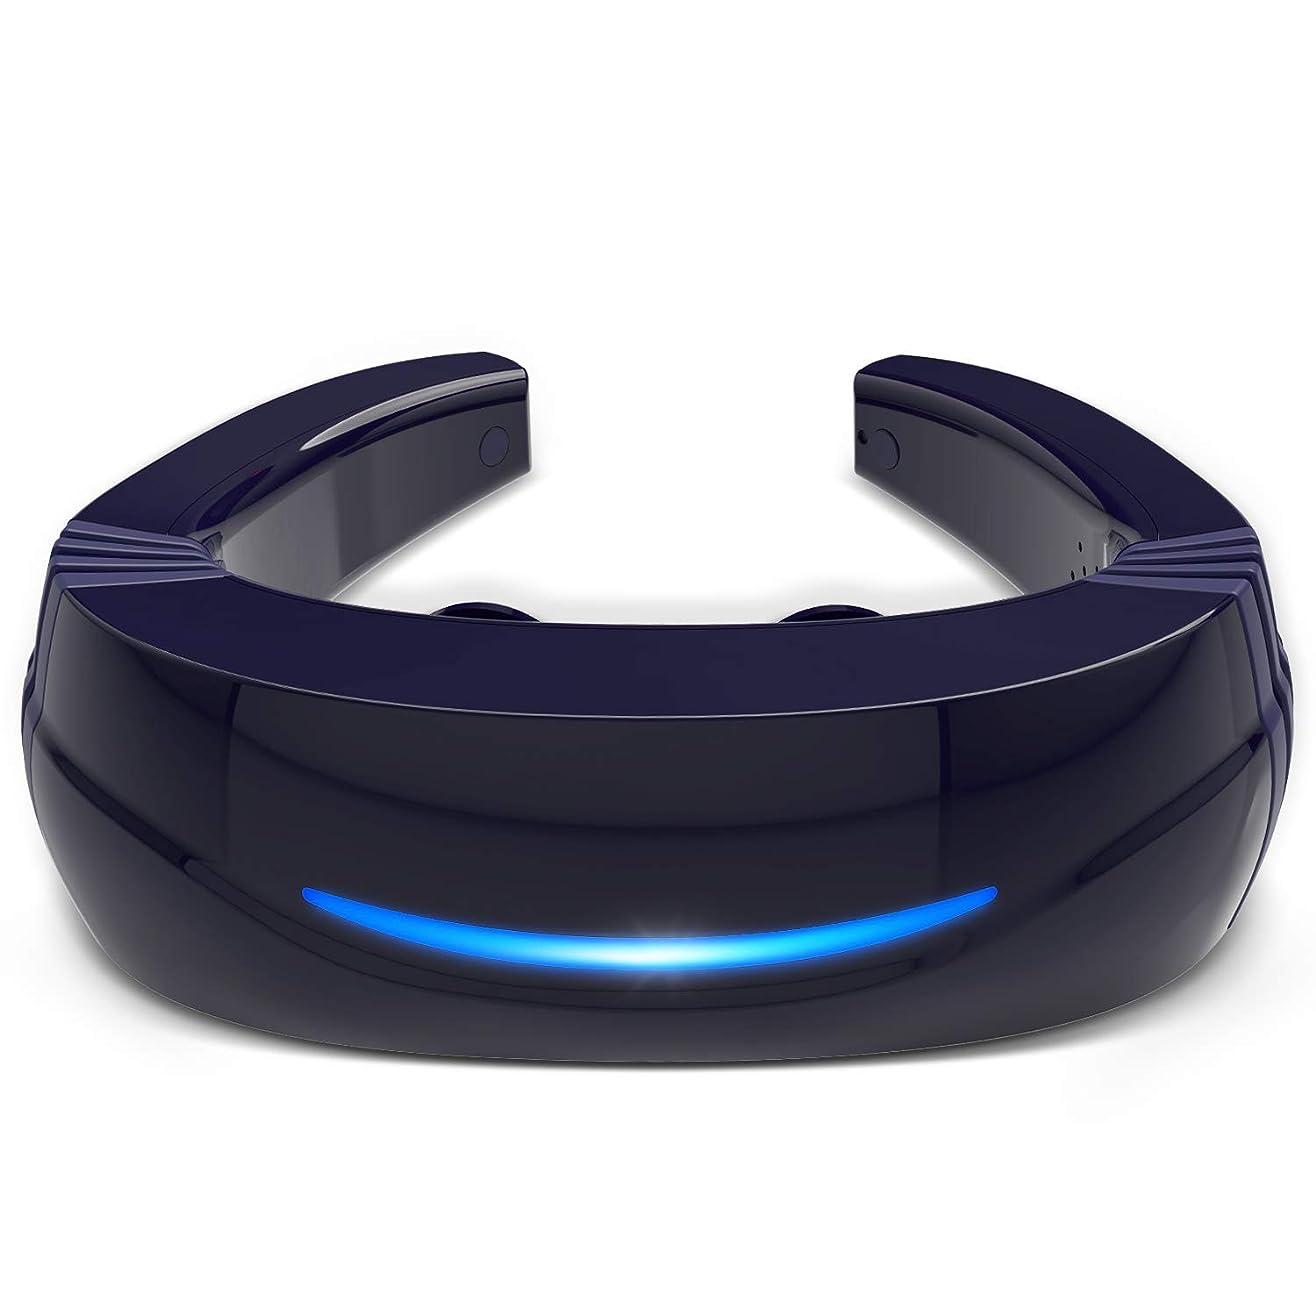 消すボタンチケットHipoo ネックマッサージャー 首マッサージ 低周波 マッサージ器 ストレス解消 USB充電式 日本語説明書 電極パッド2つ付き 音声式